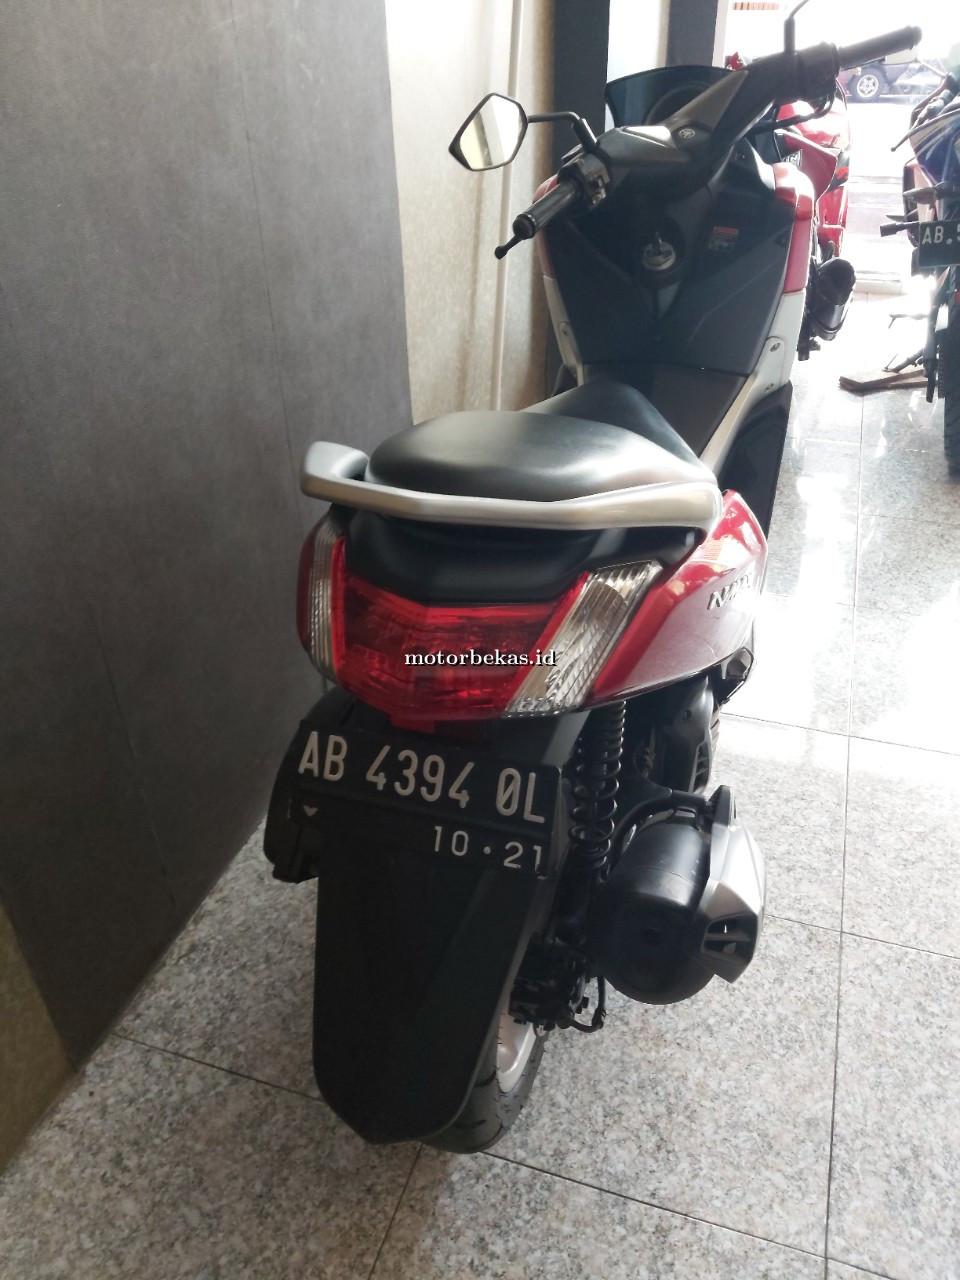 YAMAHA NMAX 155  31 motorbekas.id